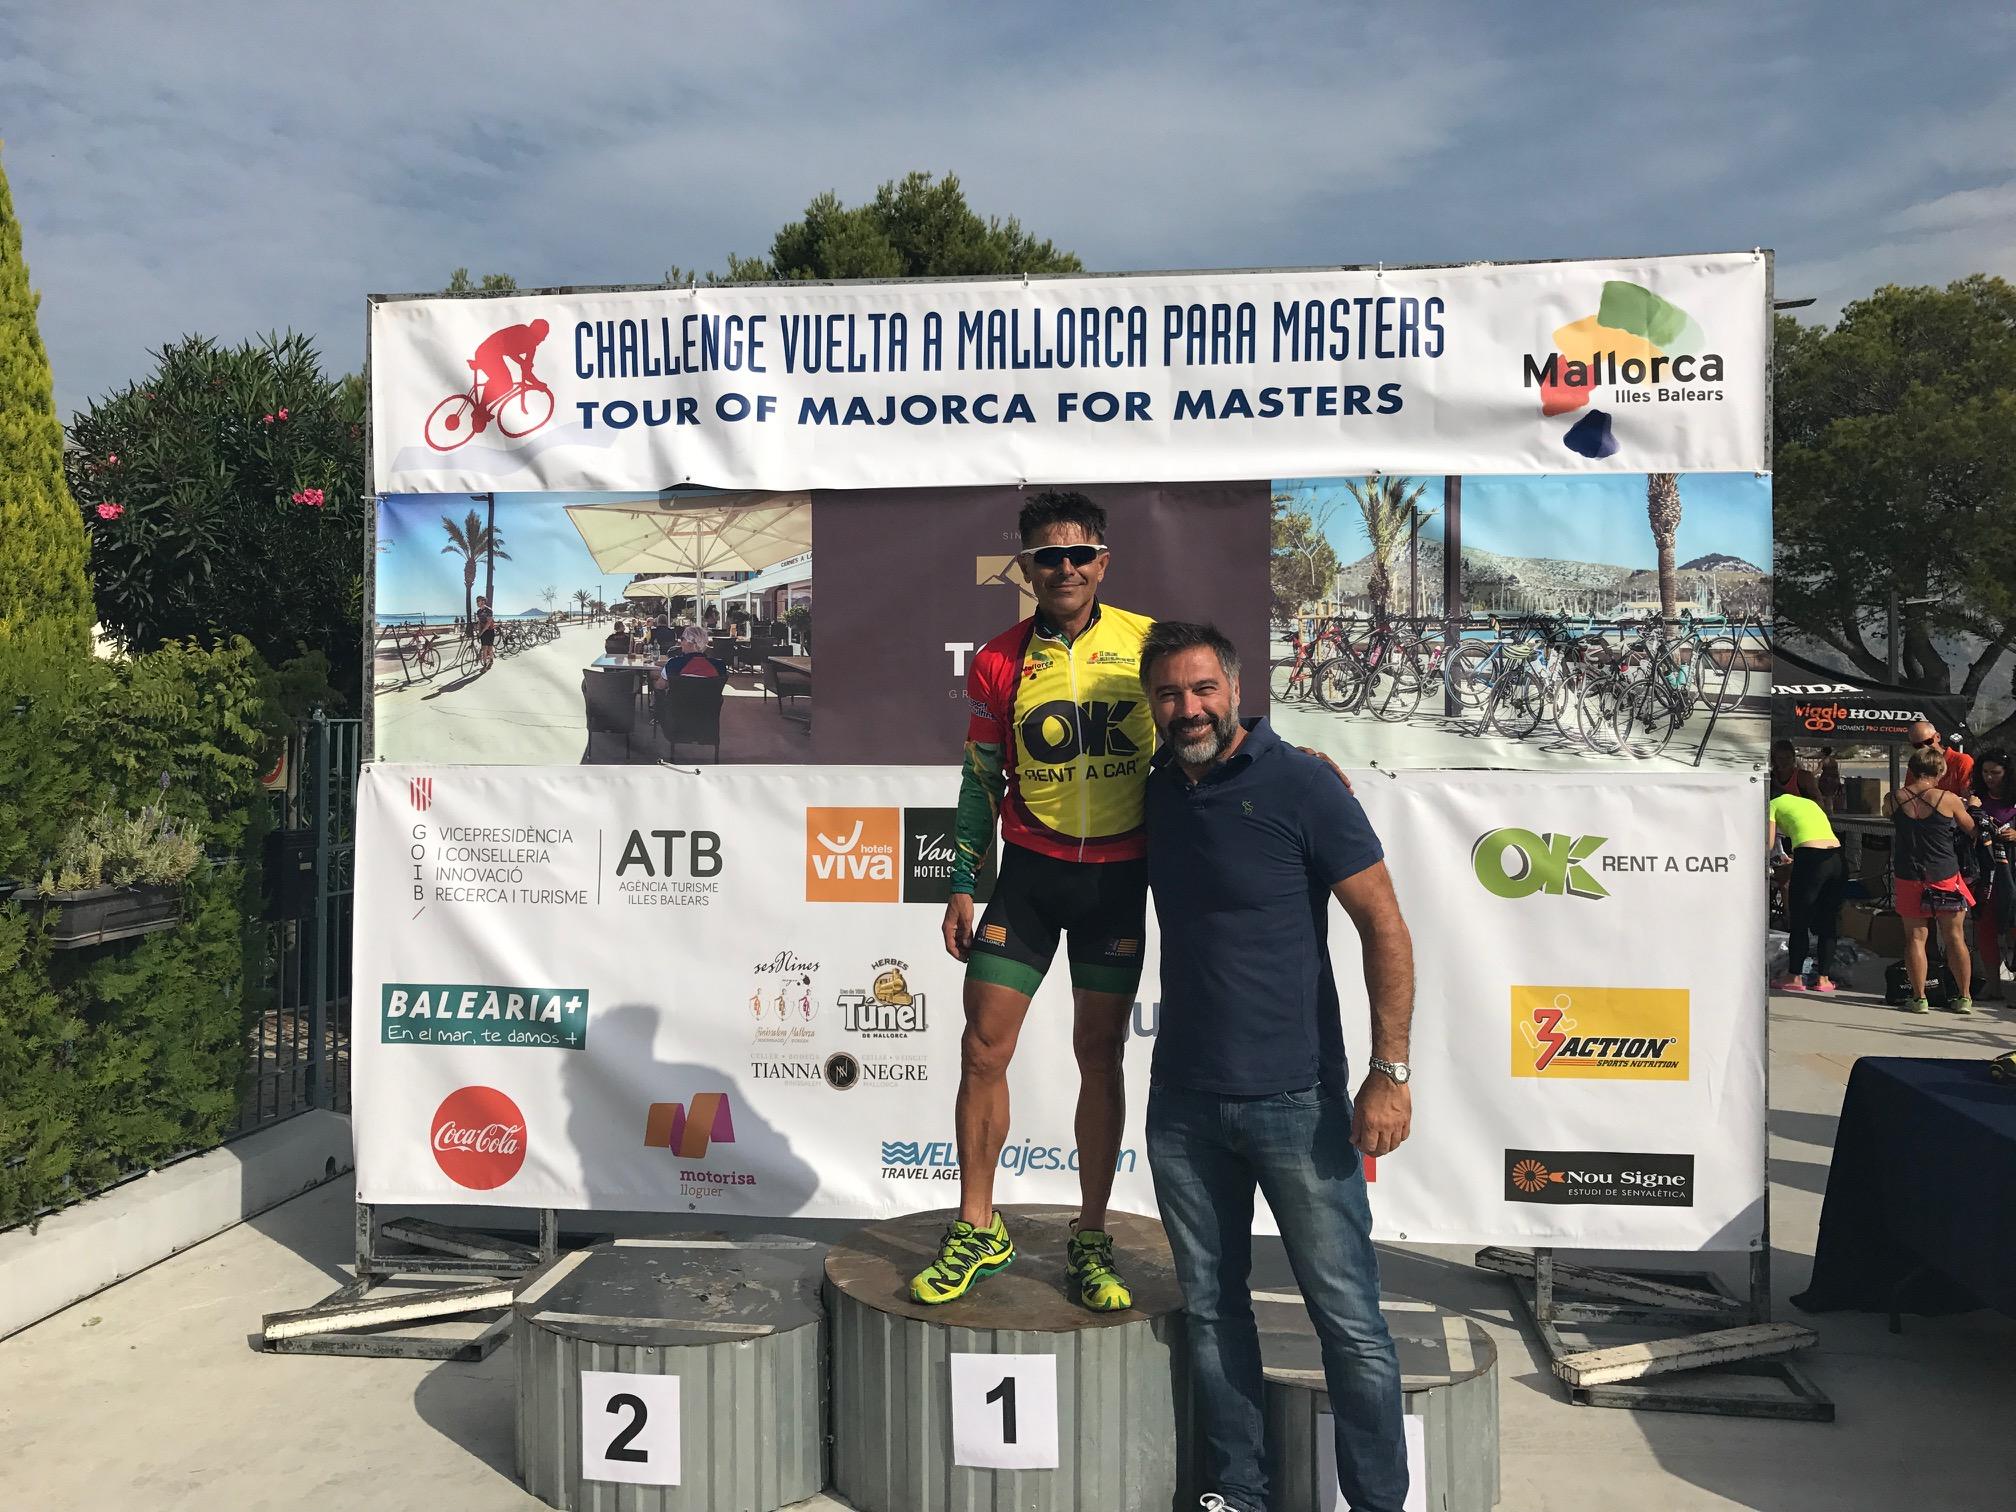 ChallengeVueltaMallorca2017_2a_etapa_maillot_OkCars